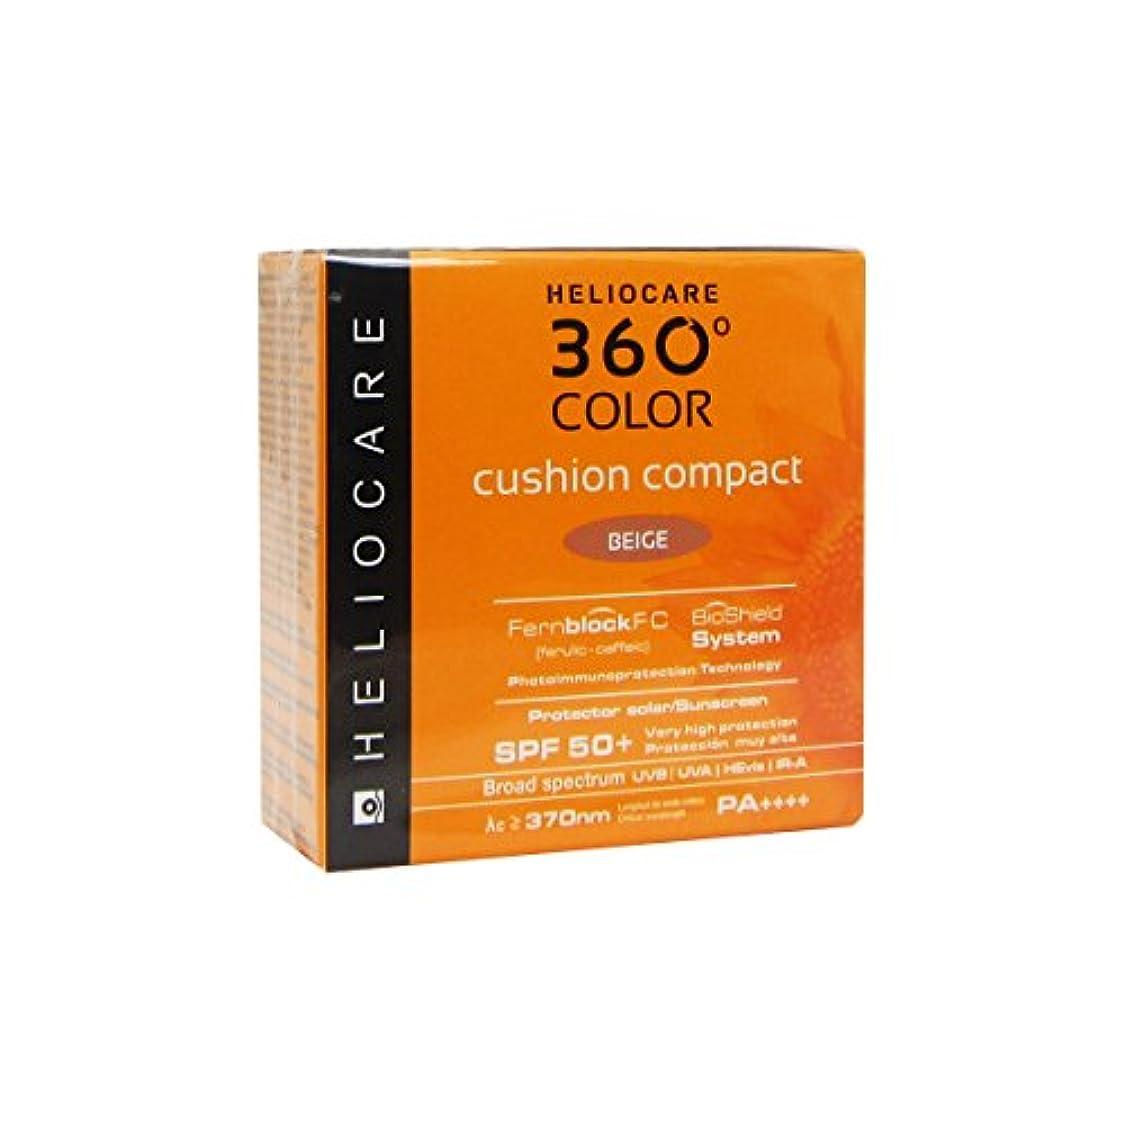 矢印歩行者難しいHeliocare 360 Compact Cushion Spf50 Beige Spf50+ 15g [並行輸入品]